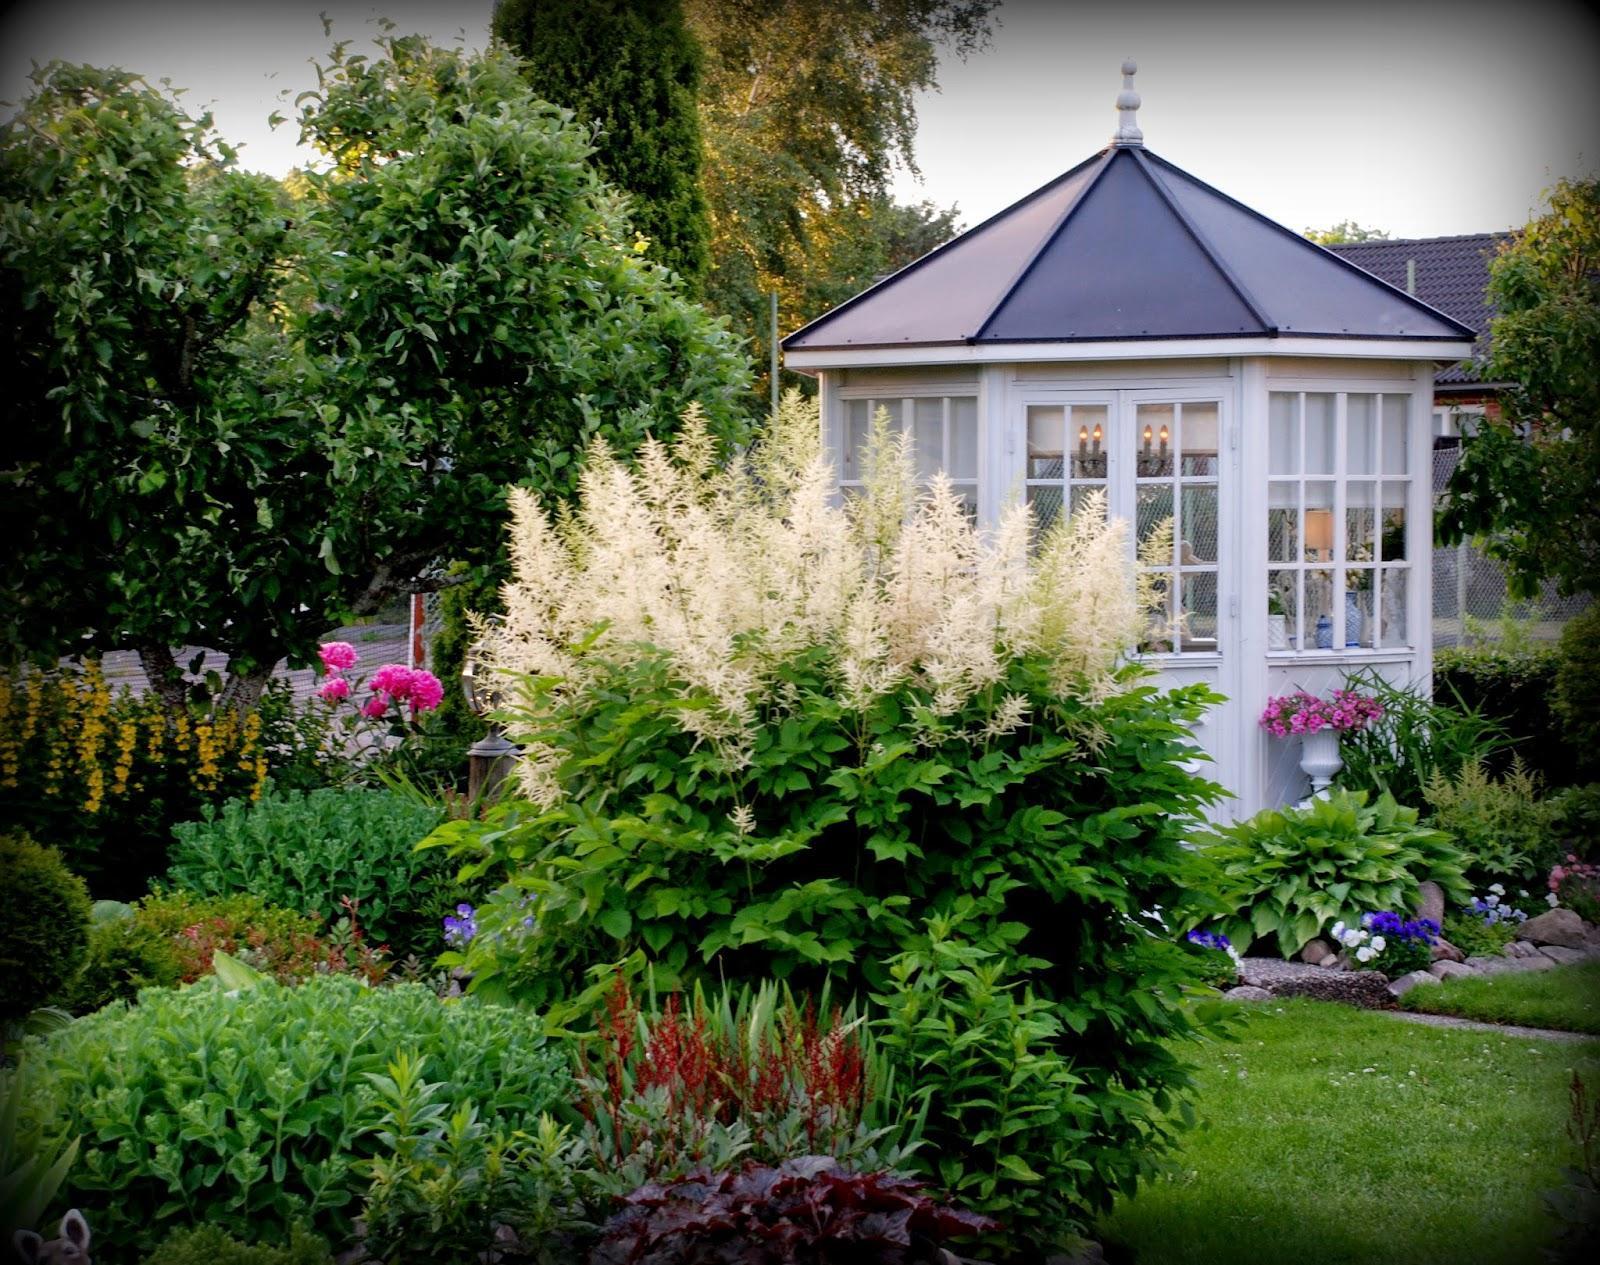 Záhrada,ktorá ťa nikdy neomrzí...divoká a krásna - Obrázok č. 6